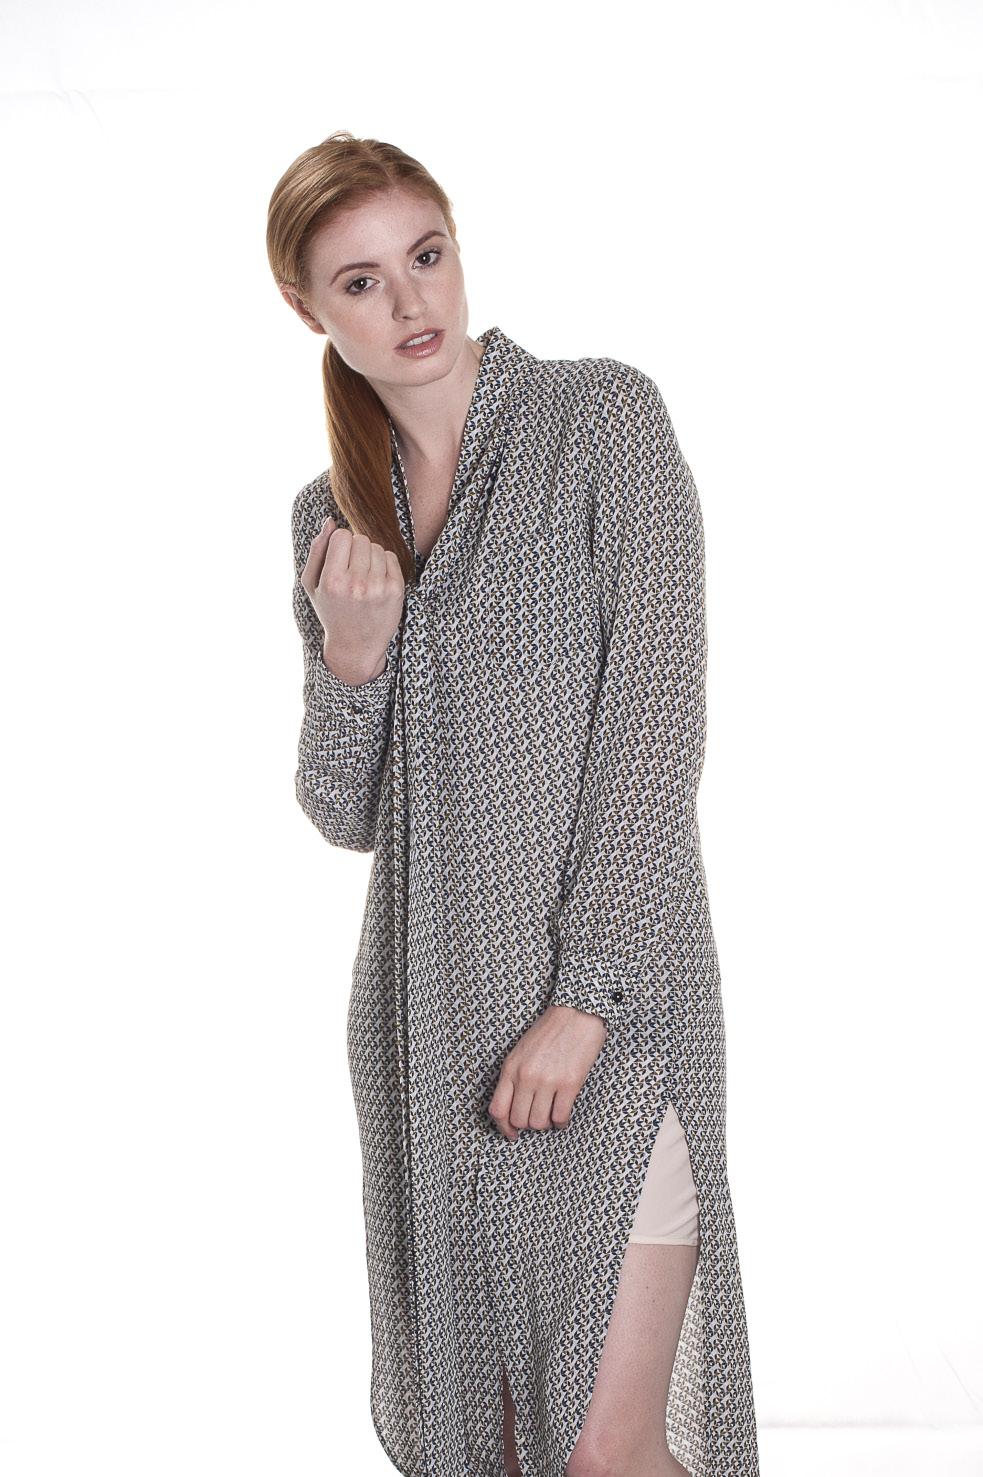 Baum und Pferdgarten dress & slip, £219, Odyl, Cranbrook odyldesign.com 01580 714907